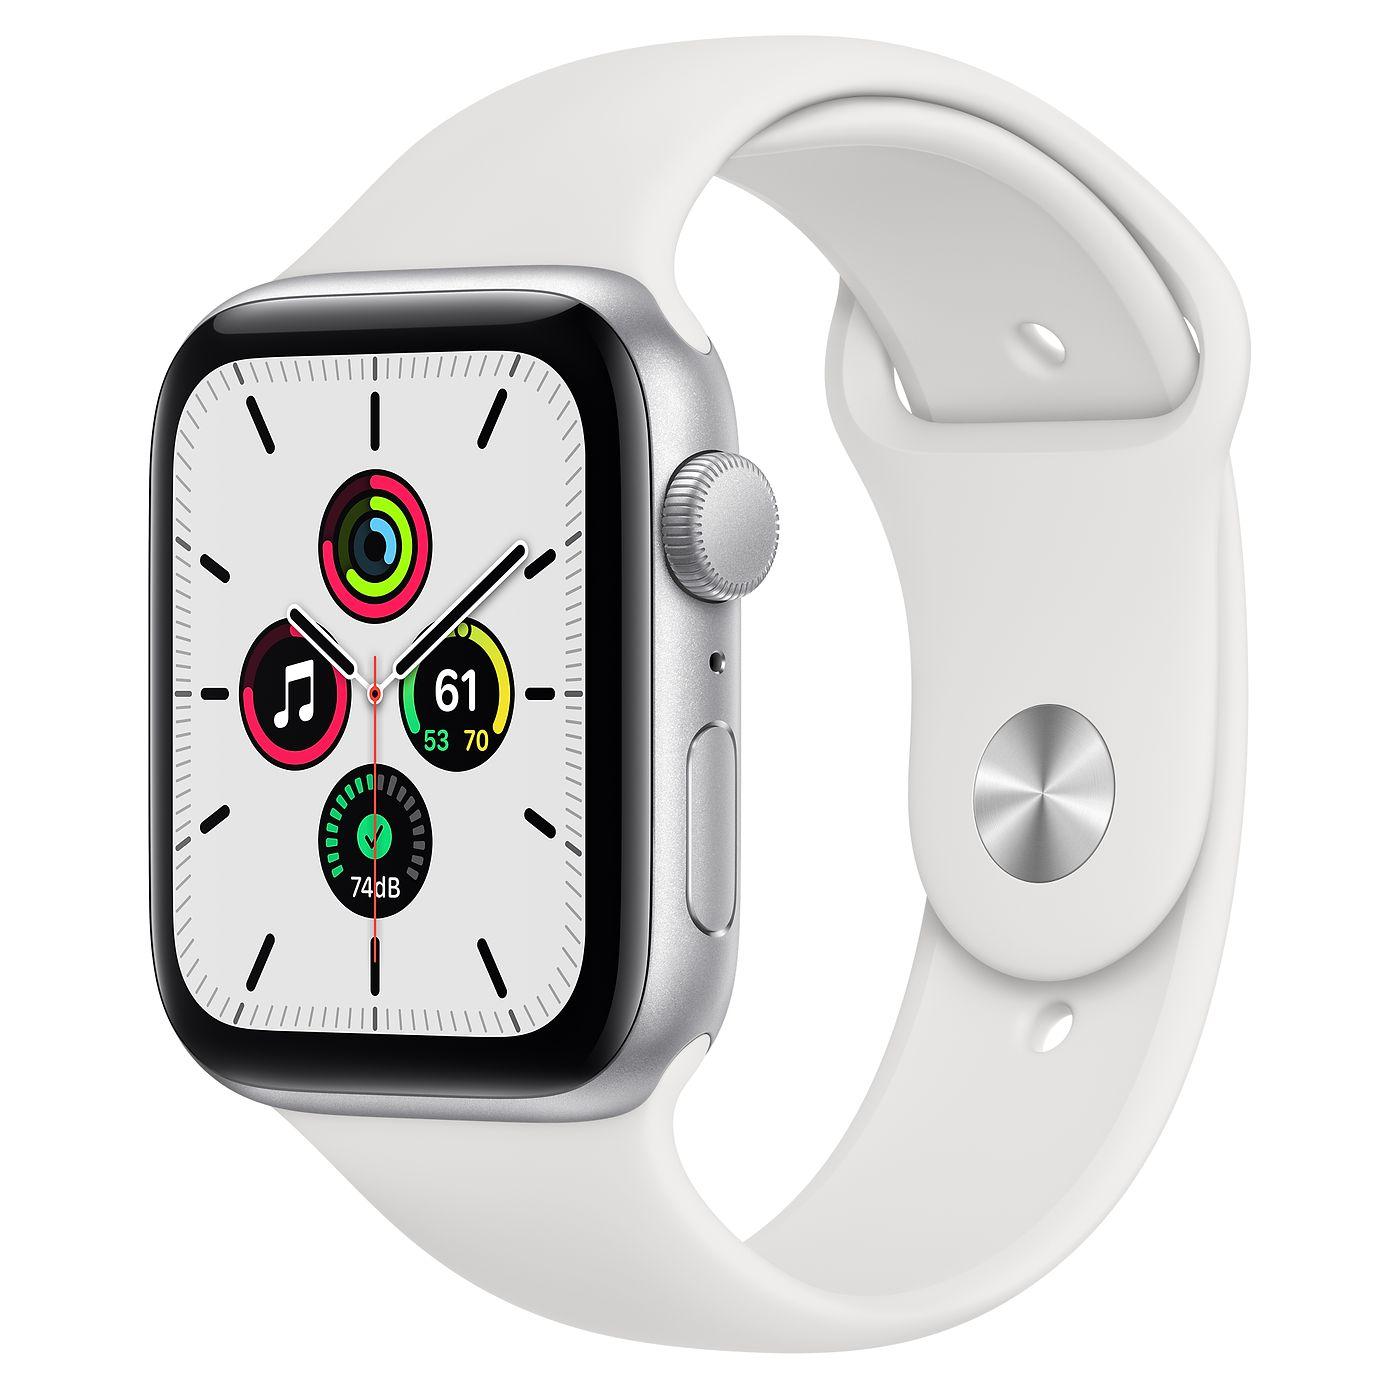 Apple 애플워치 SE, GPS, 실버 알루미늄 케이스, 화이트 스포츠 밴드